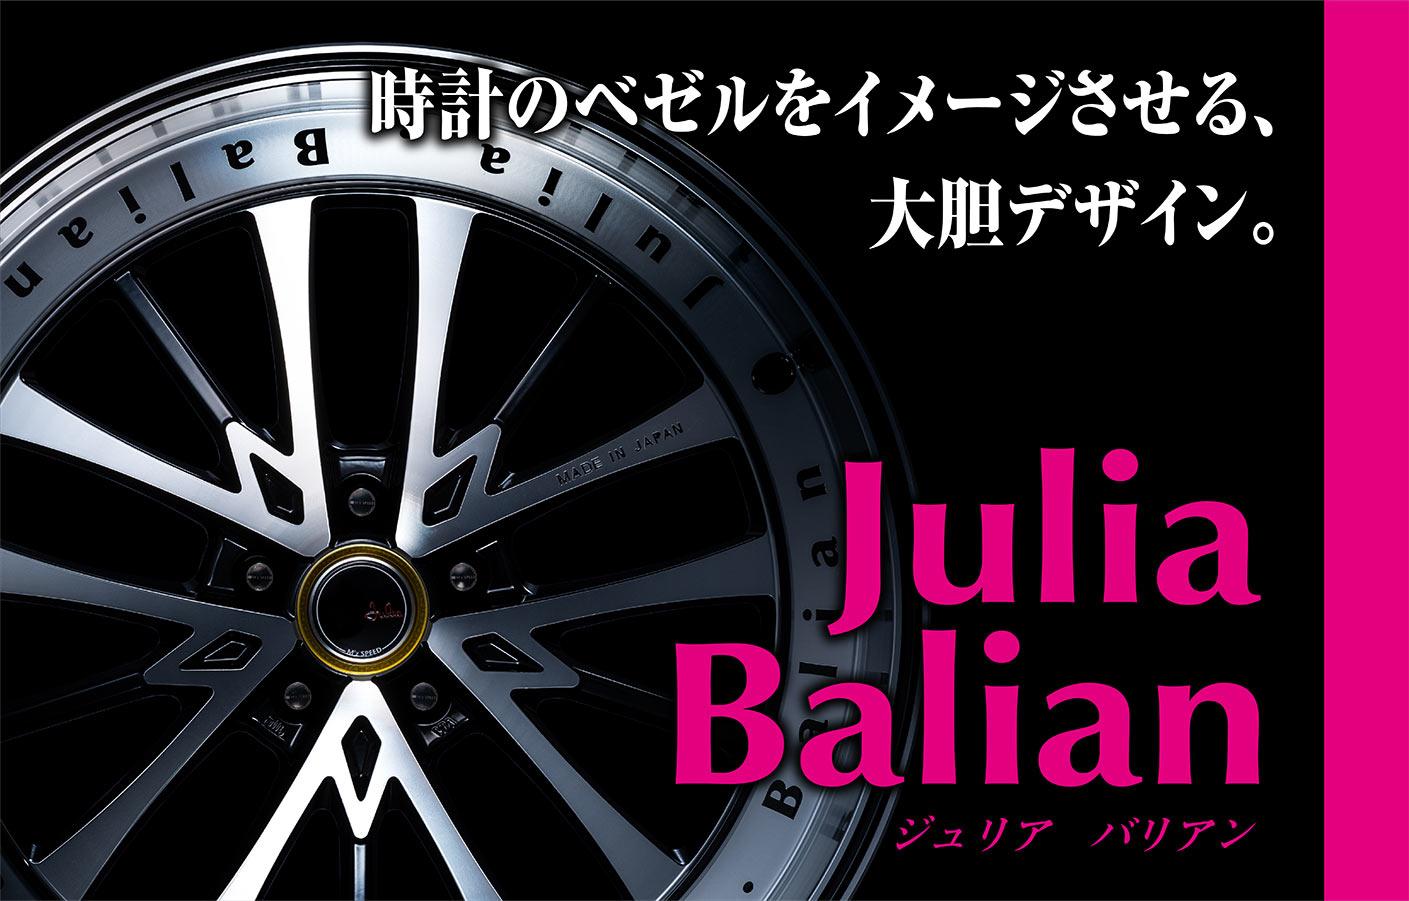 時計のベゼルをイメージさせる、大胆デザイン。 Julia Balian ジュリア バリアン